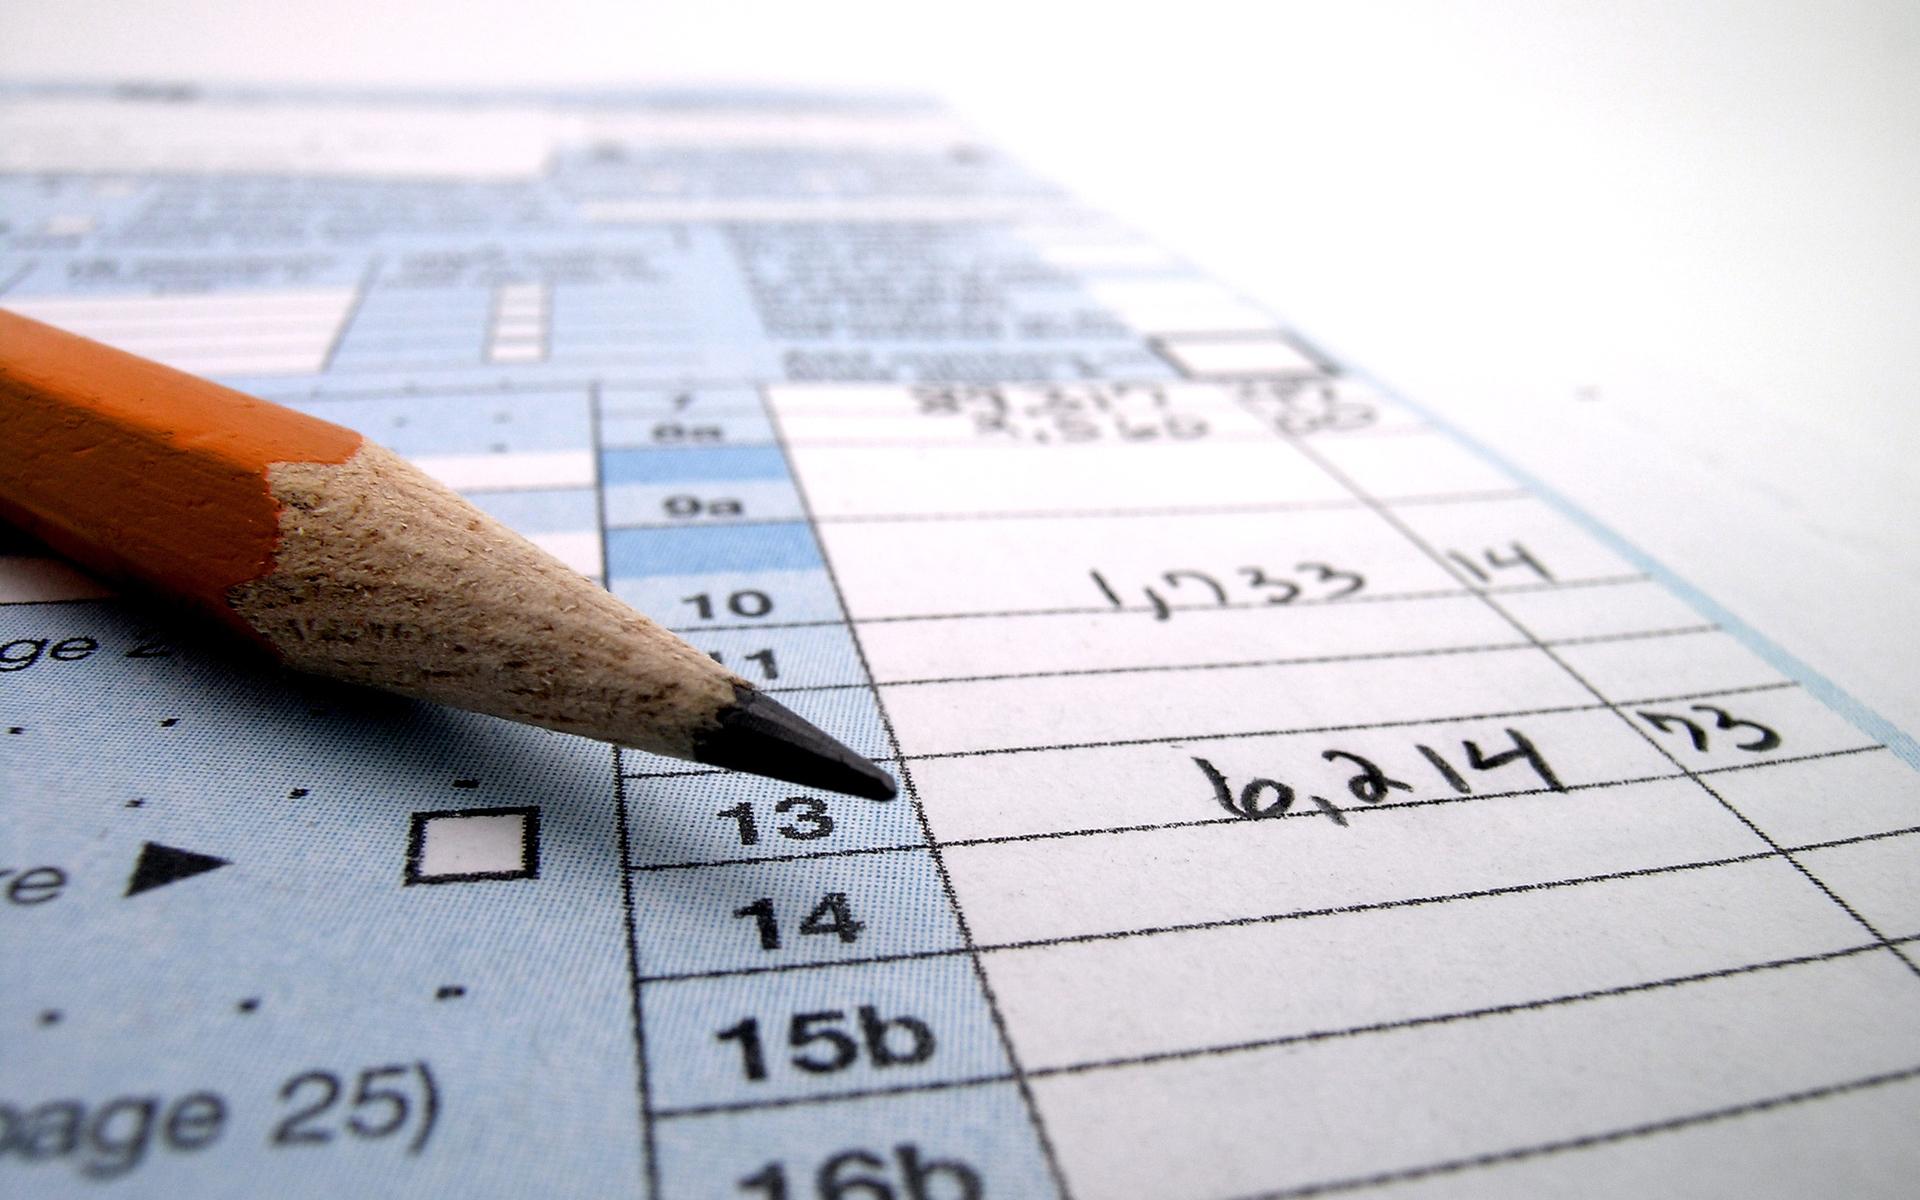 Bitcoin tax IRS